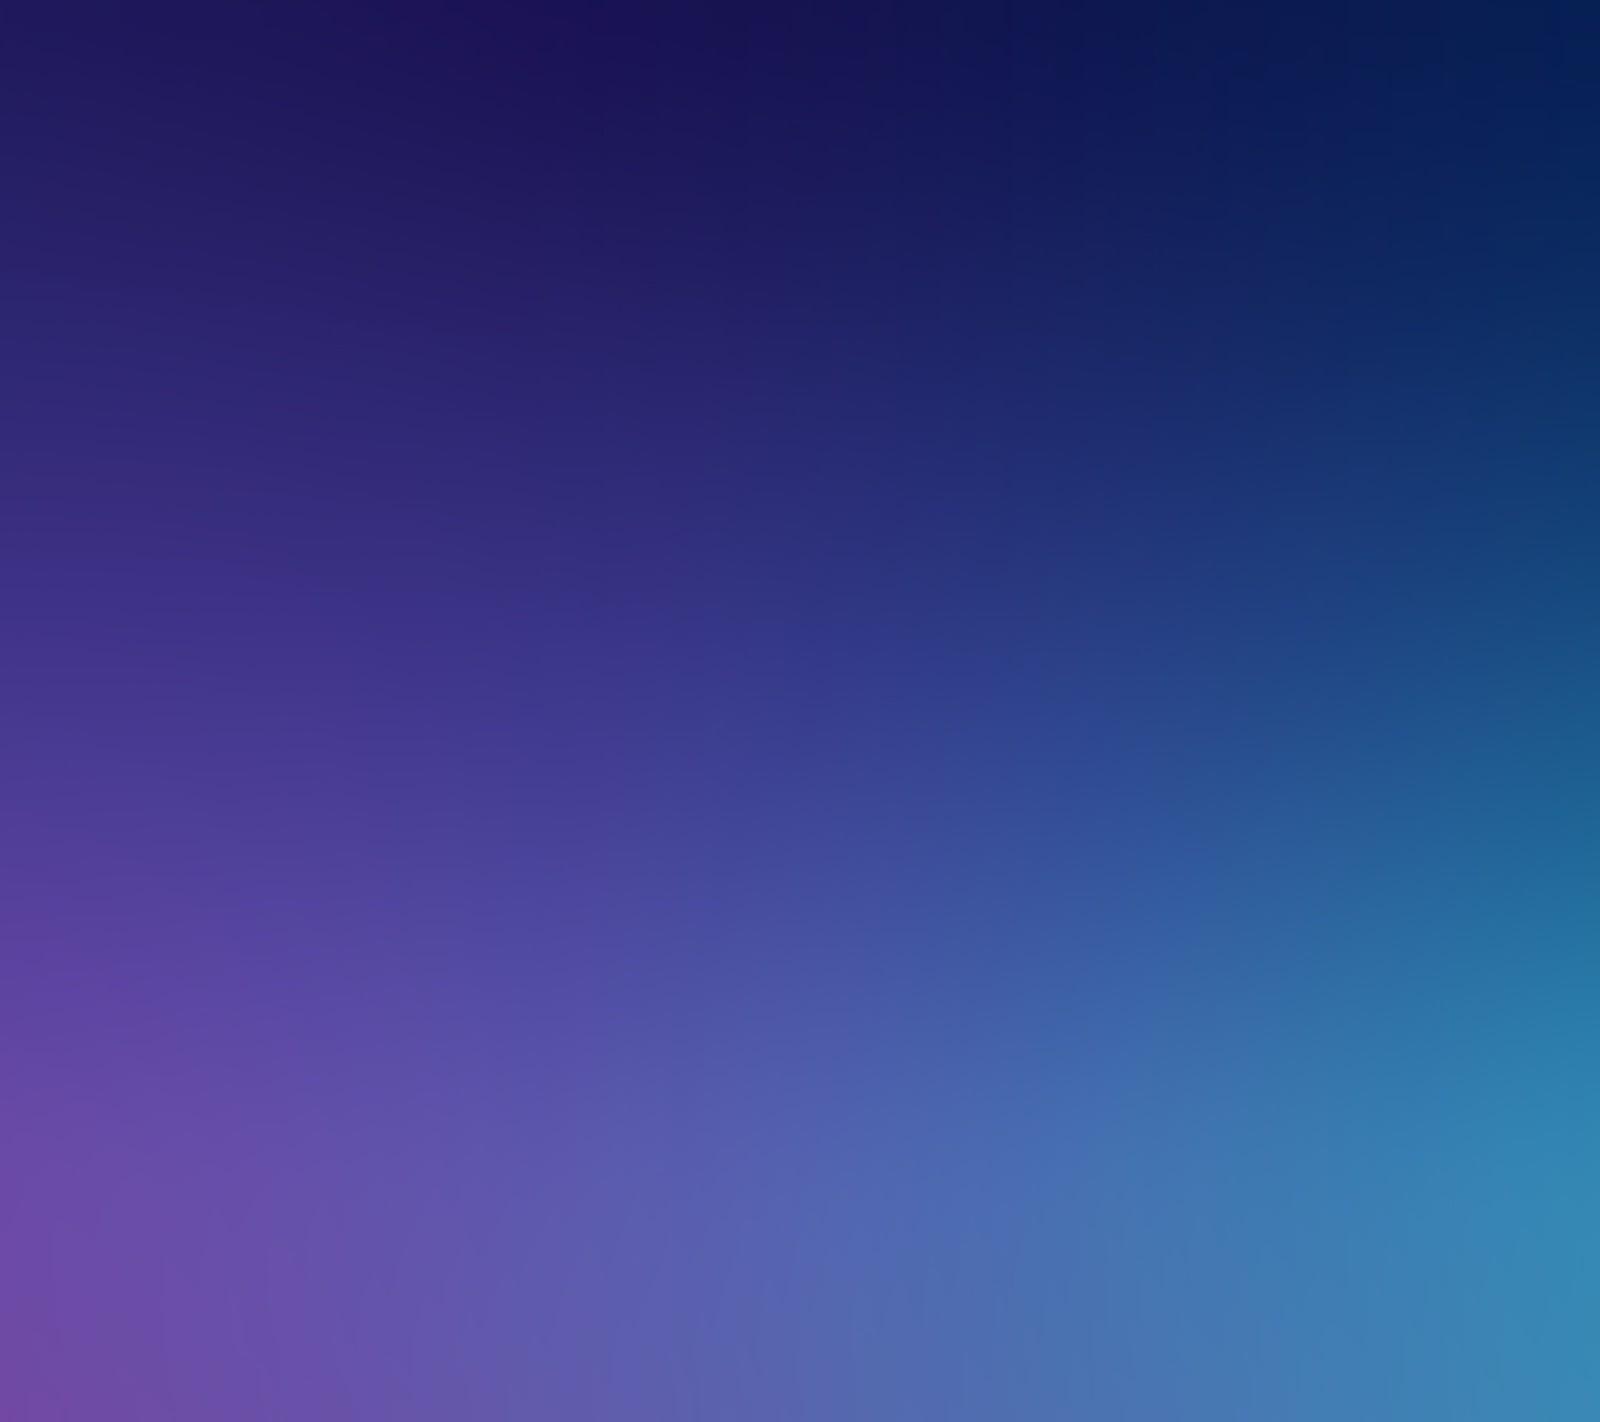 Xiaomi MI3 Wallpaper oficial 8